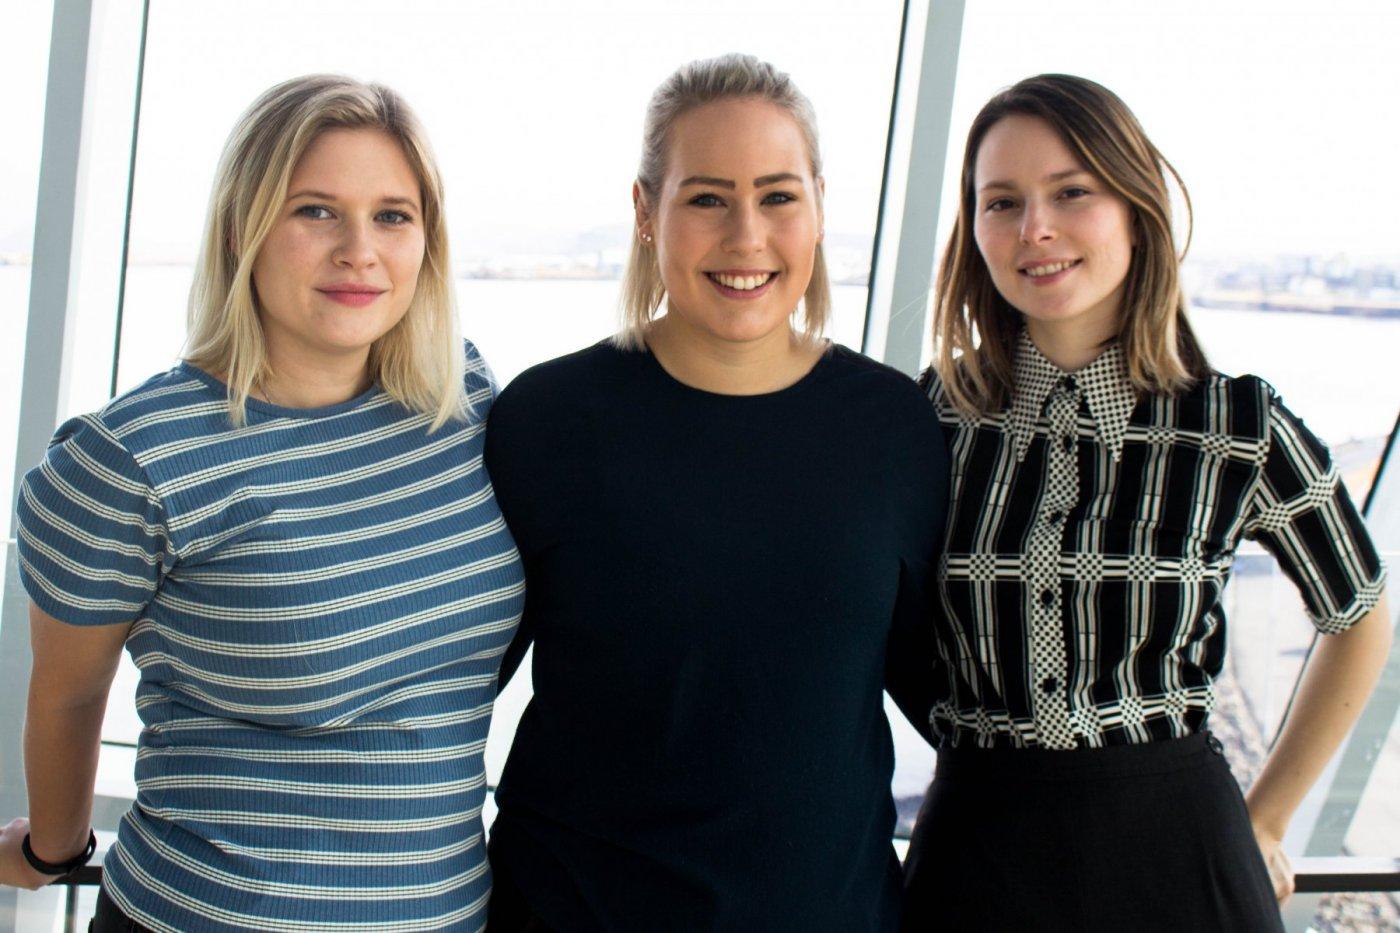 Fríða Snædís Jóhannesdóttir, Kristjana Björk Barðdal og Sara Björk Másdóttir